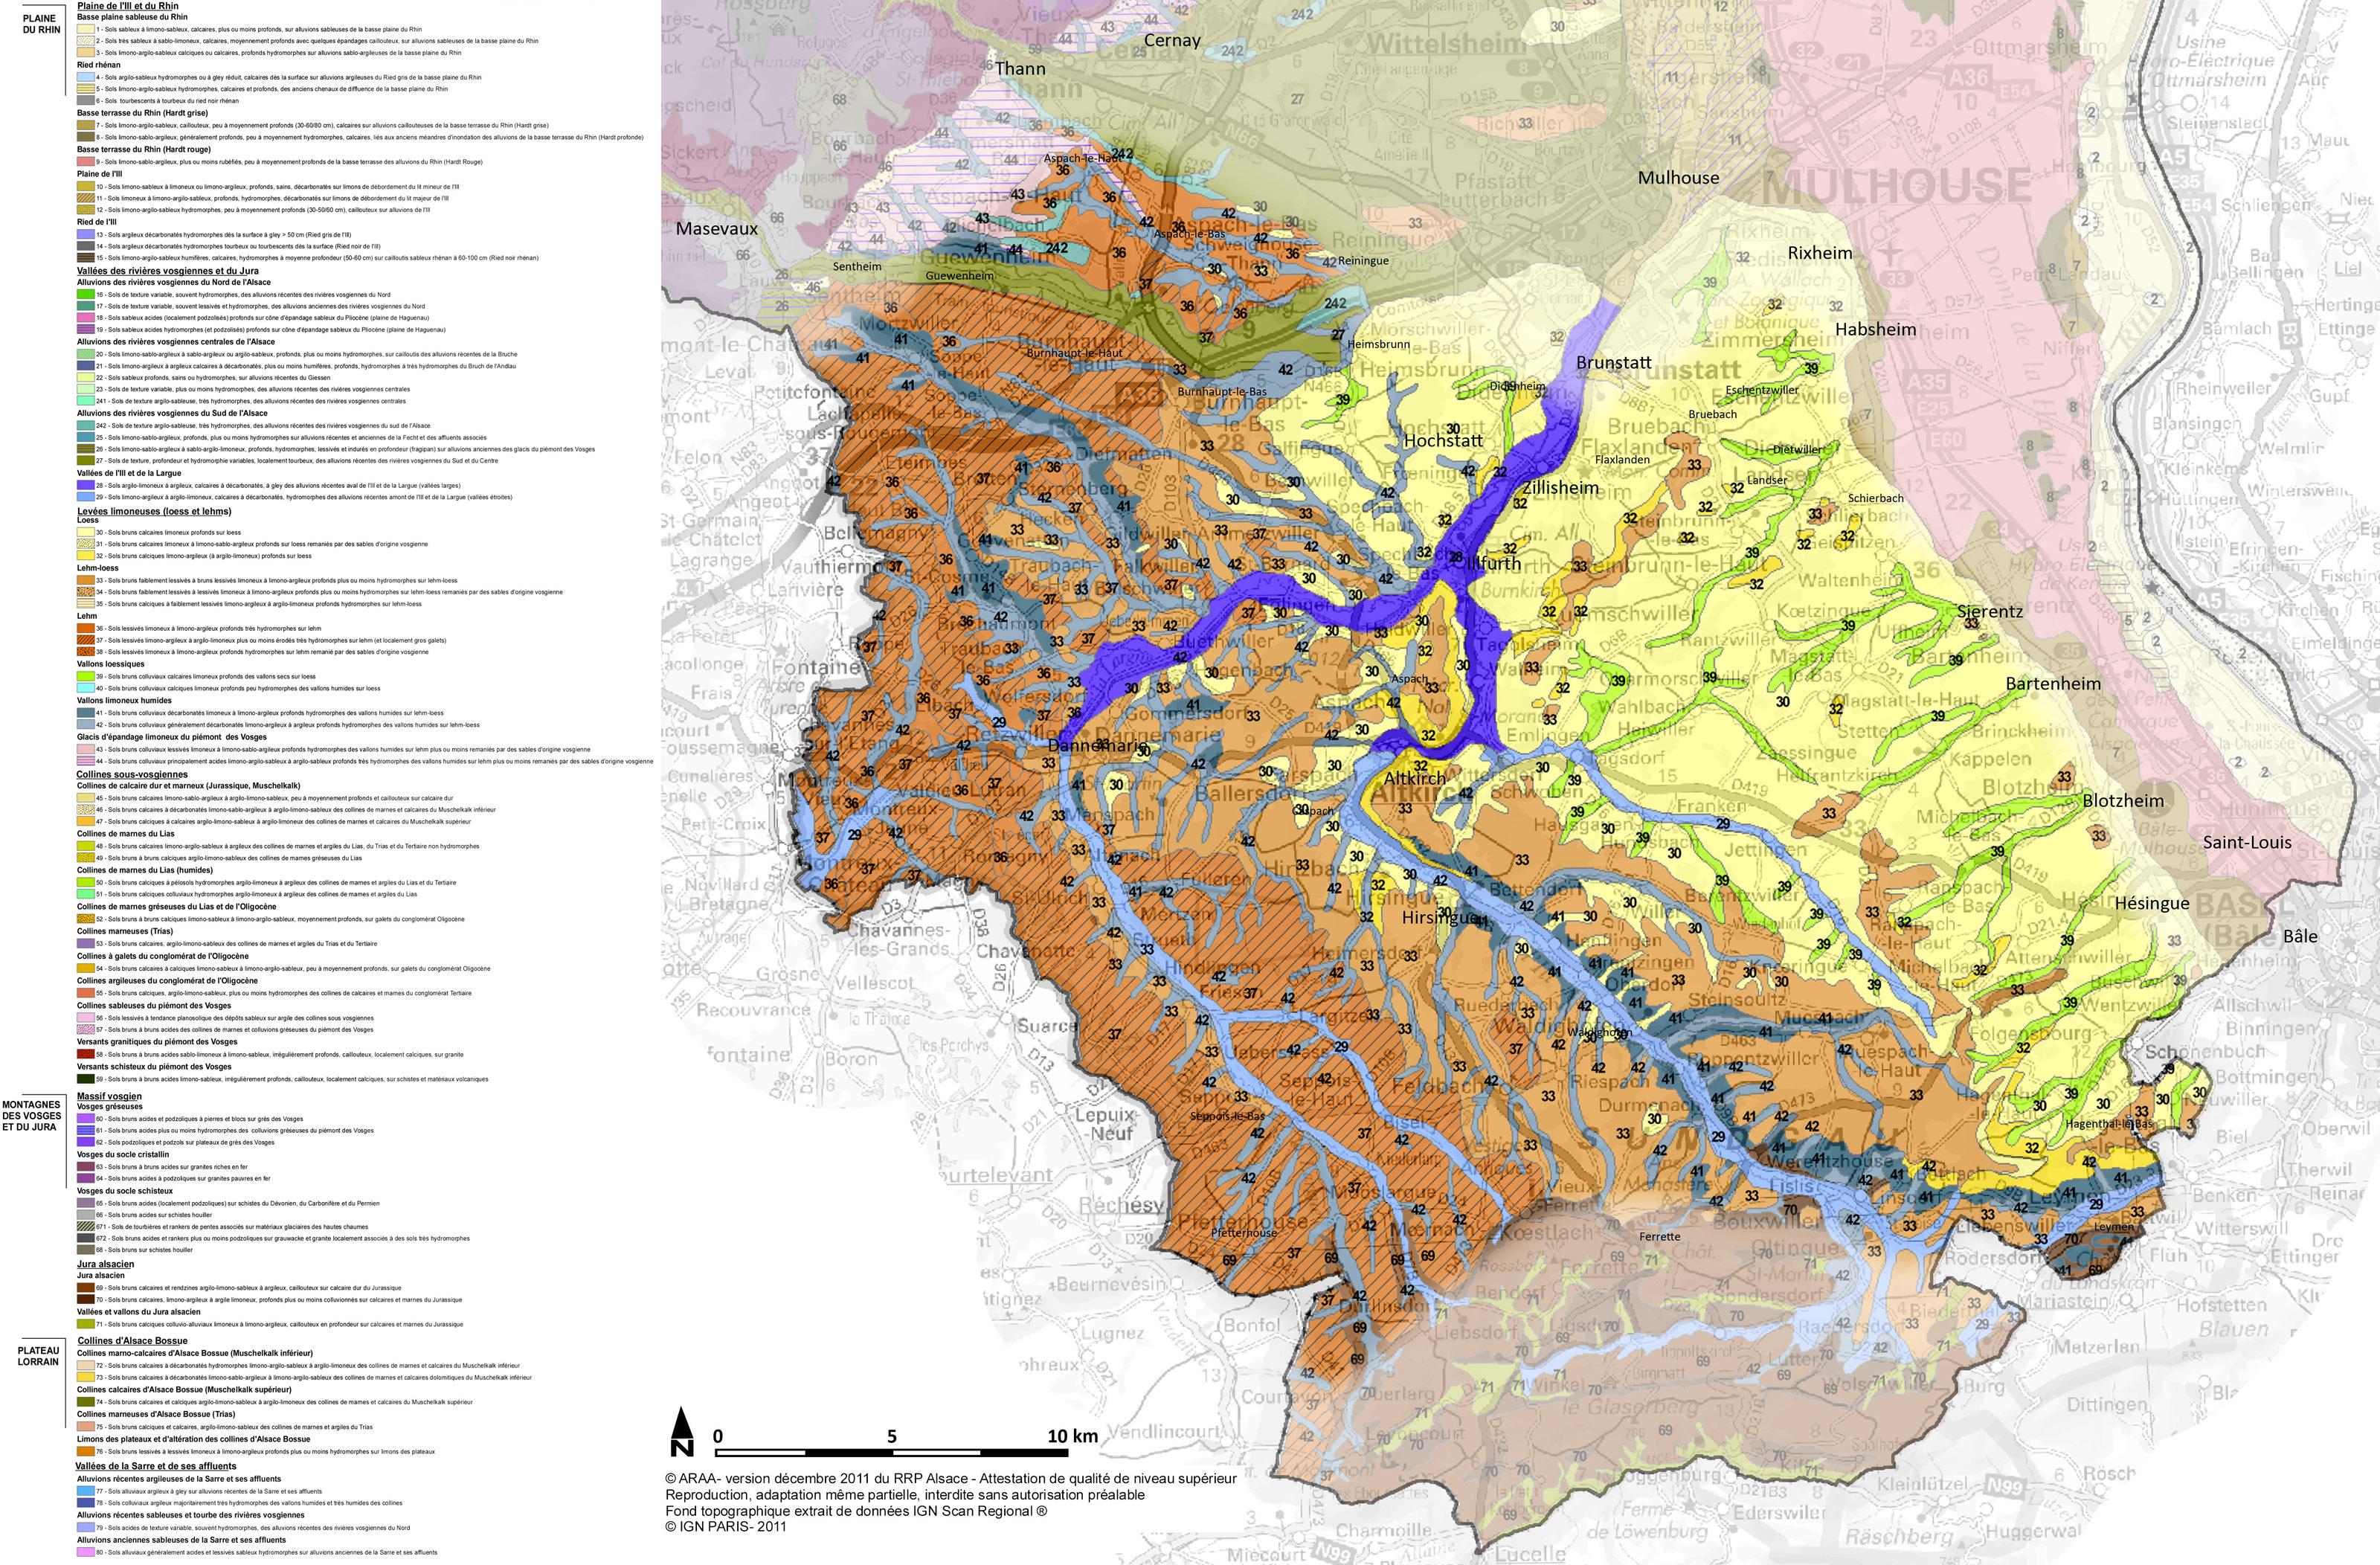 Carte Alsace Sundgau.Sundgau Carte Des Sols Source Arra Atlas Des Paysages D